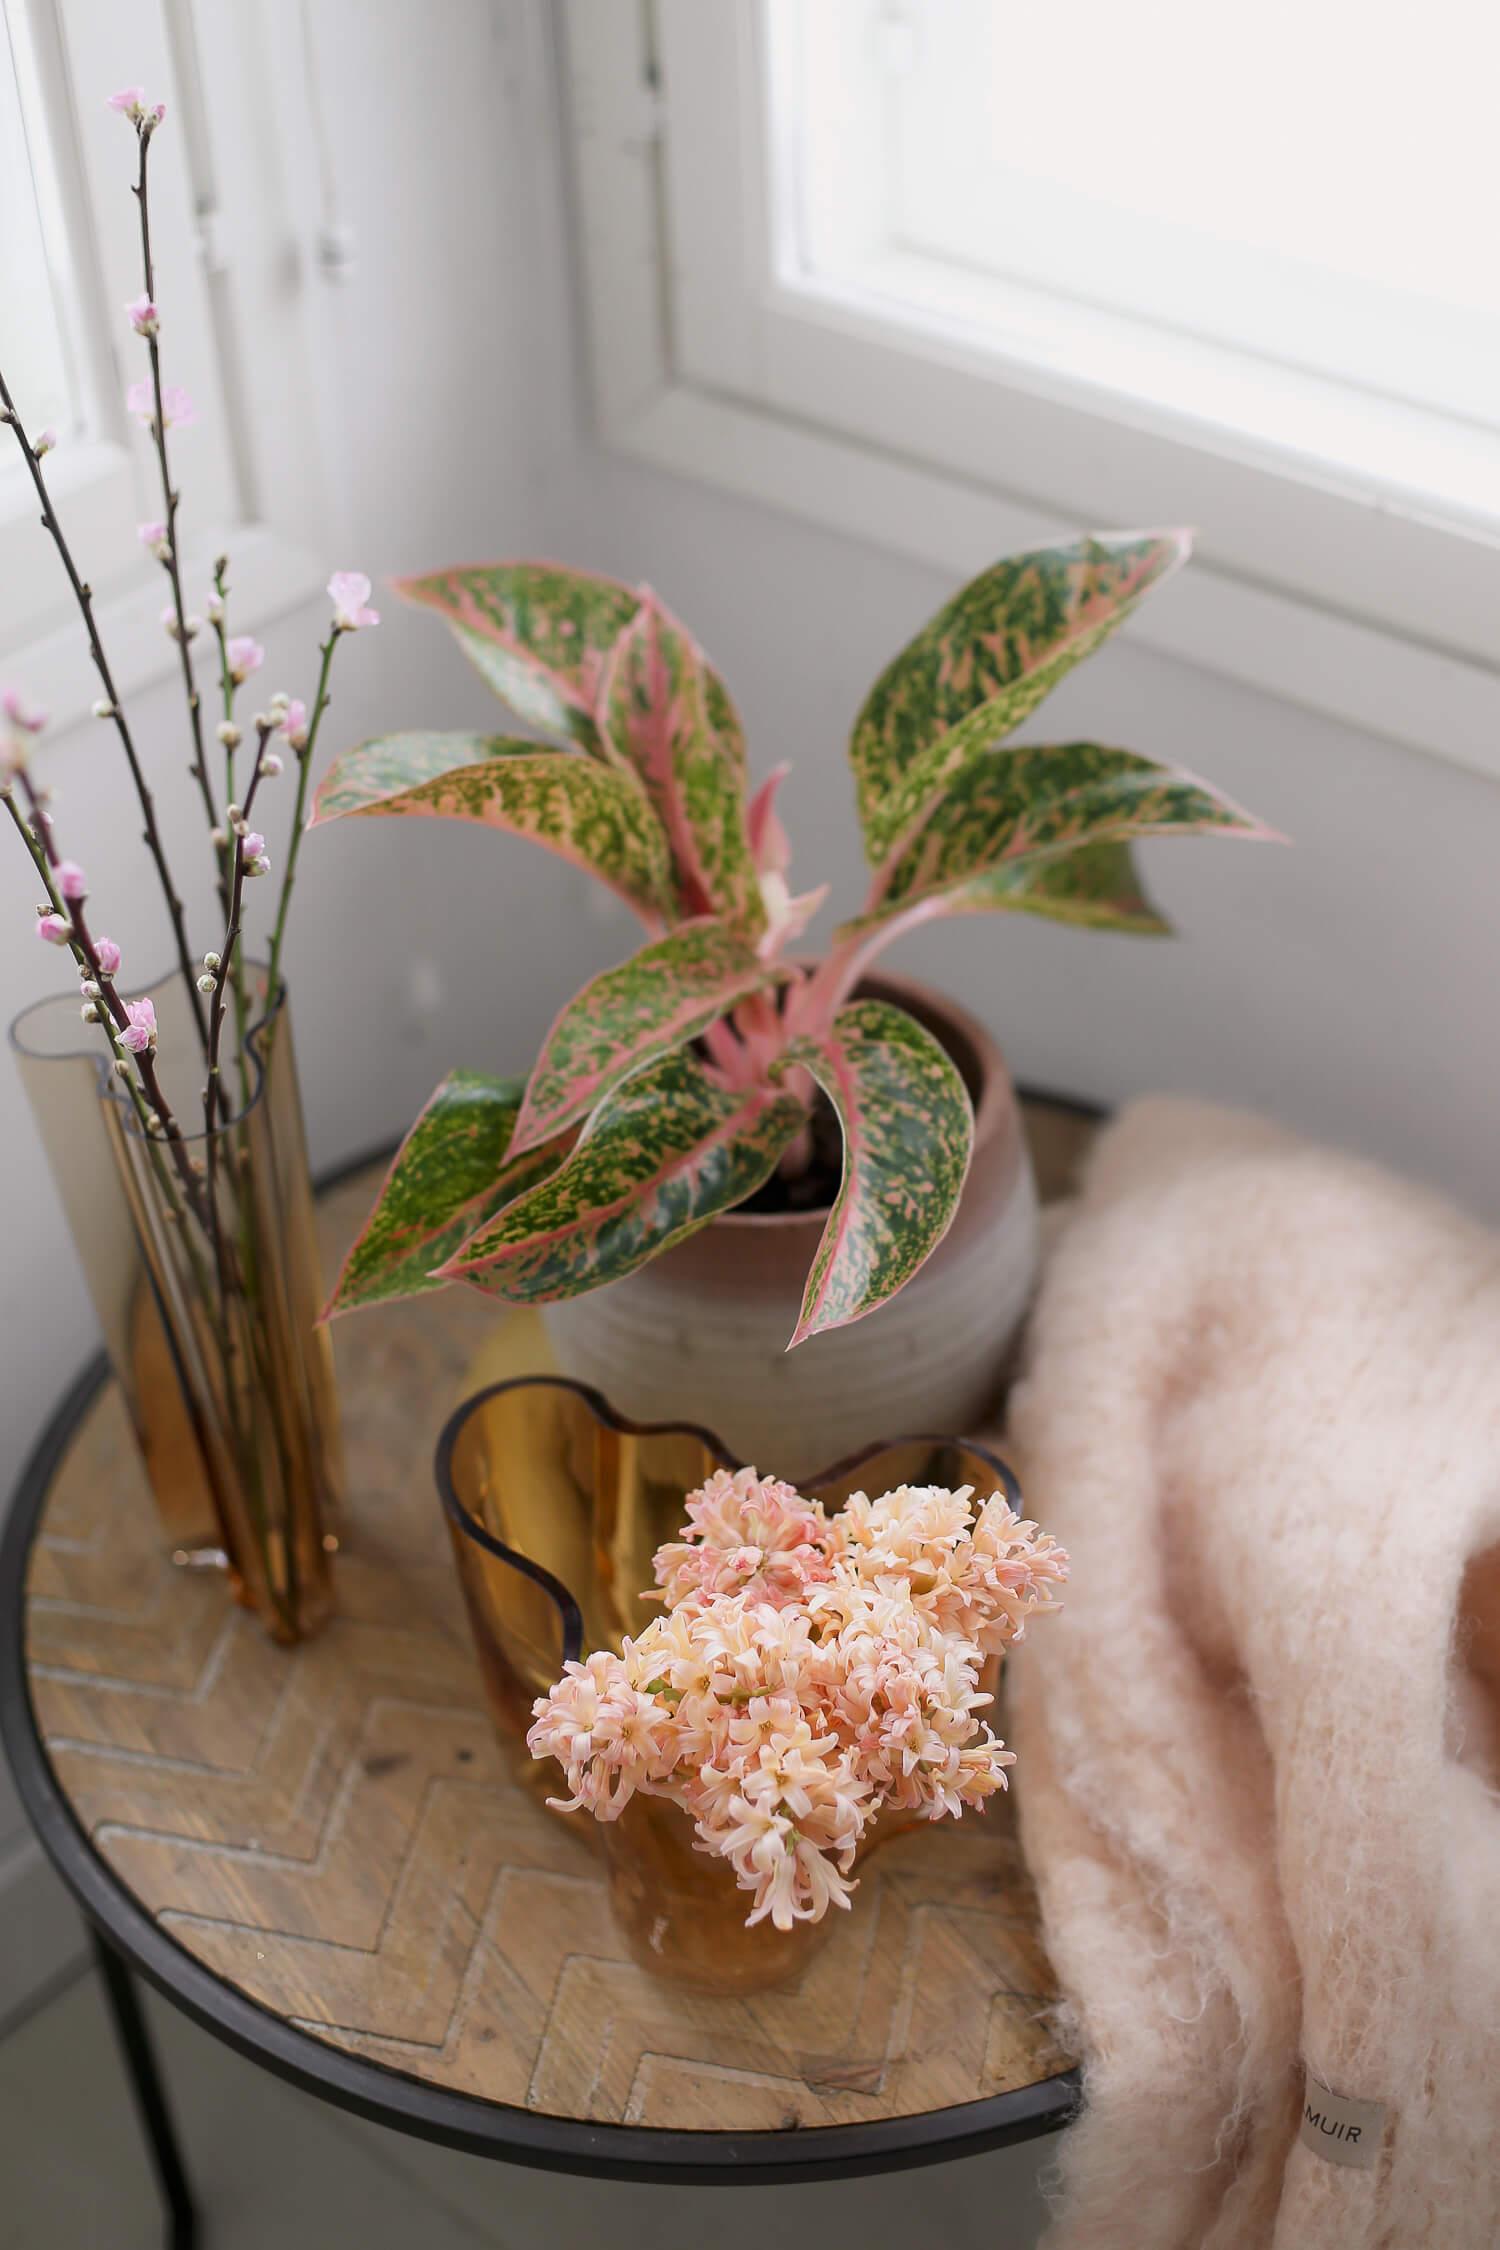 Eteisn pikkupöydällä on ilmaapuhdistava laikkuvehka sekä kahdessa aaltomaljakossa kukkai, toisessa persikan värisiä hyasintteja ja vaaleanpunaisia kirsikanoksia